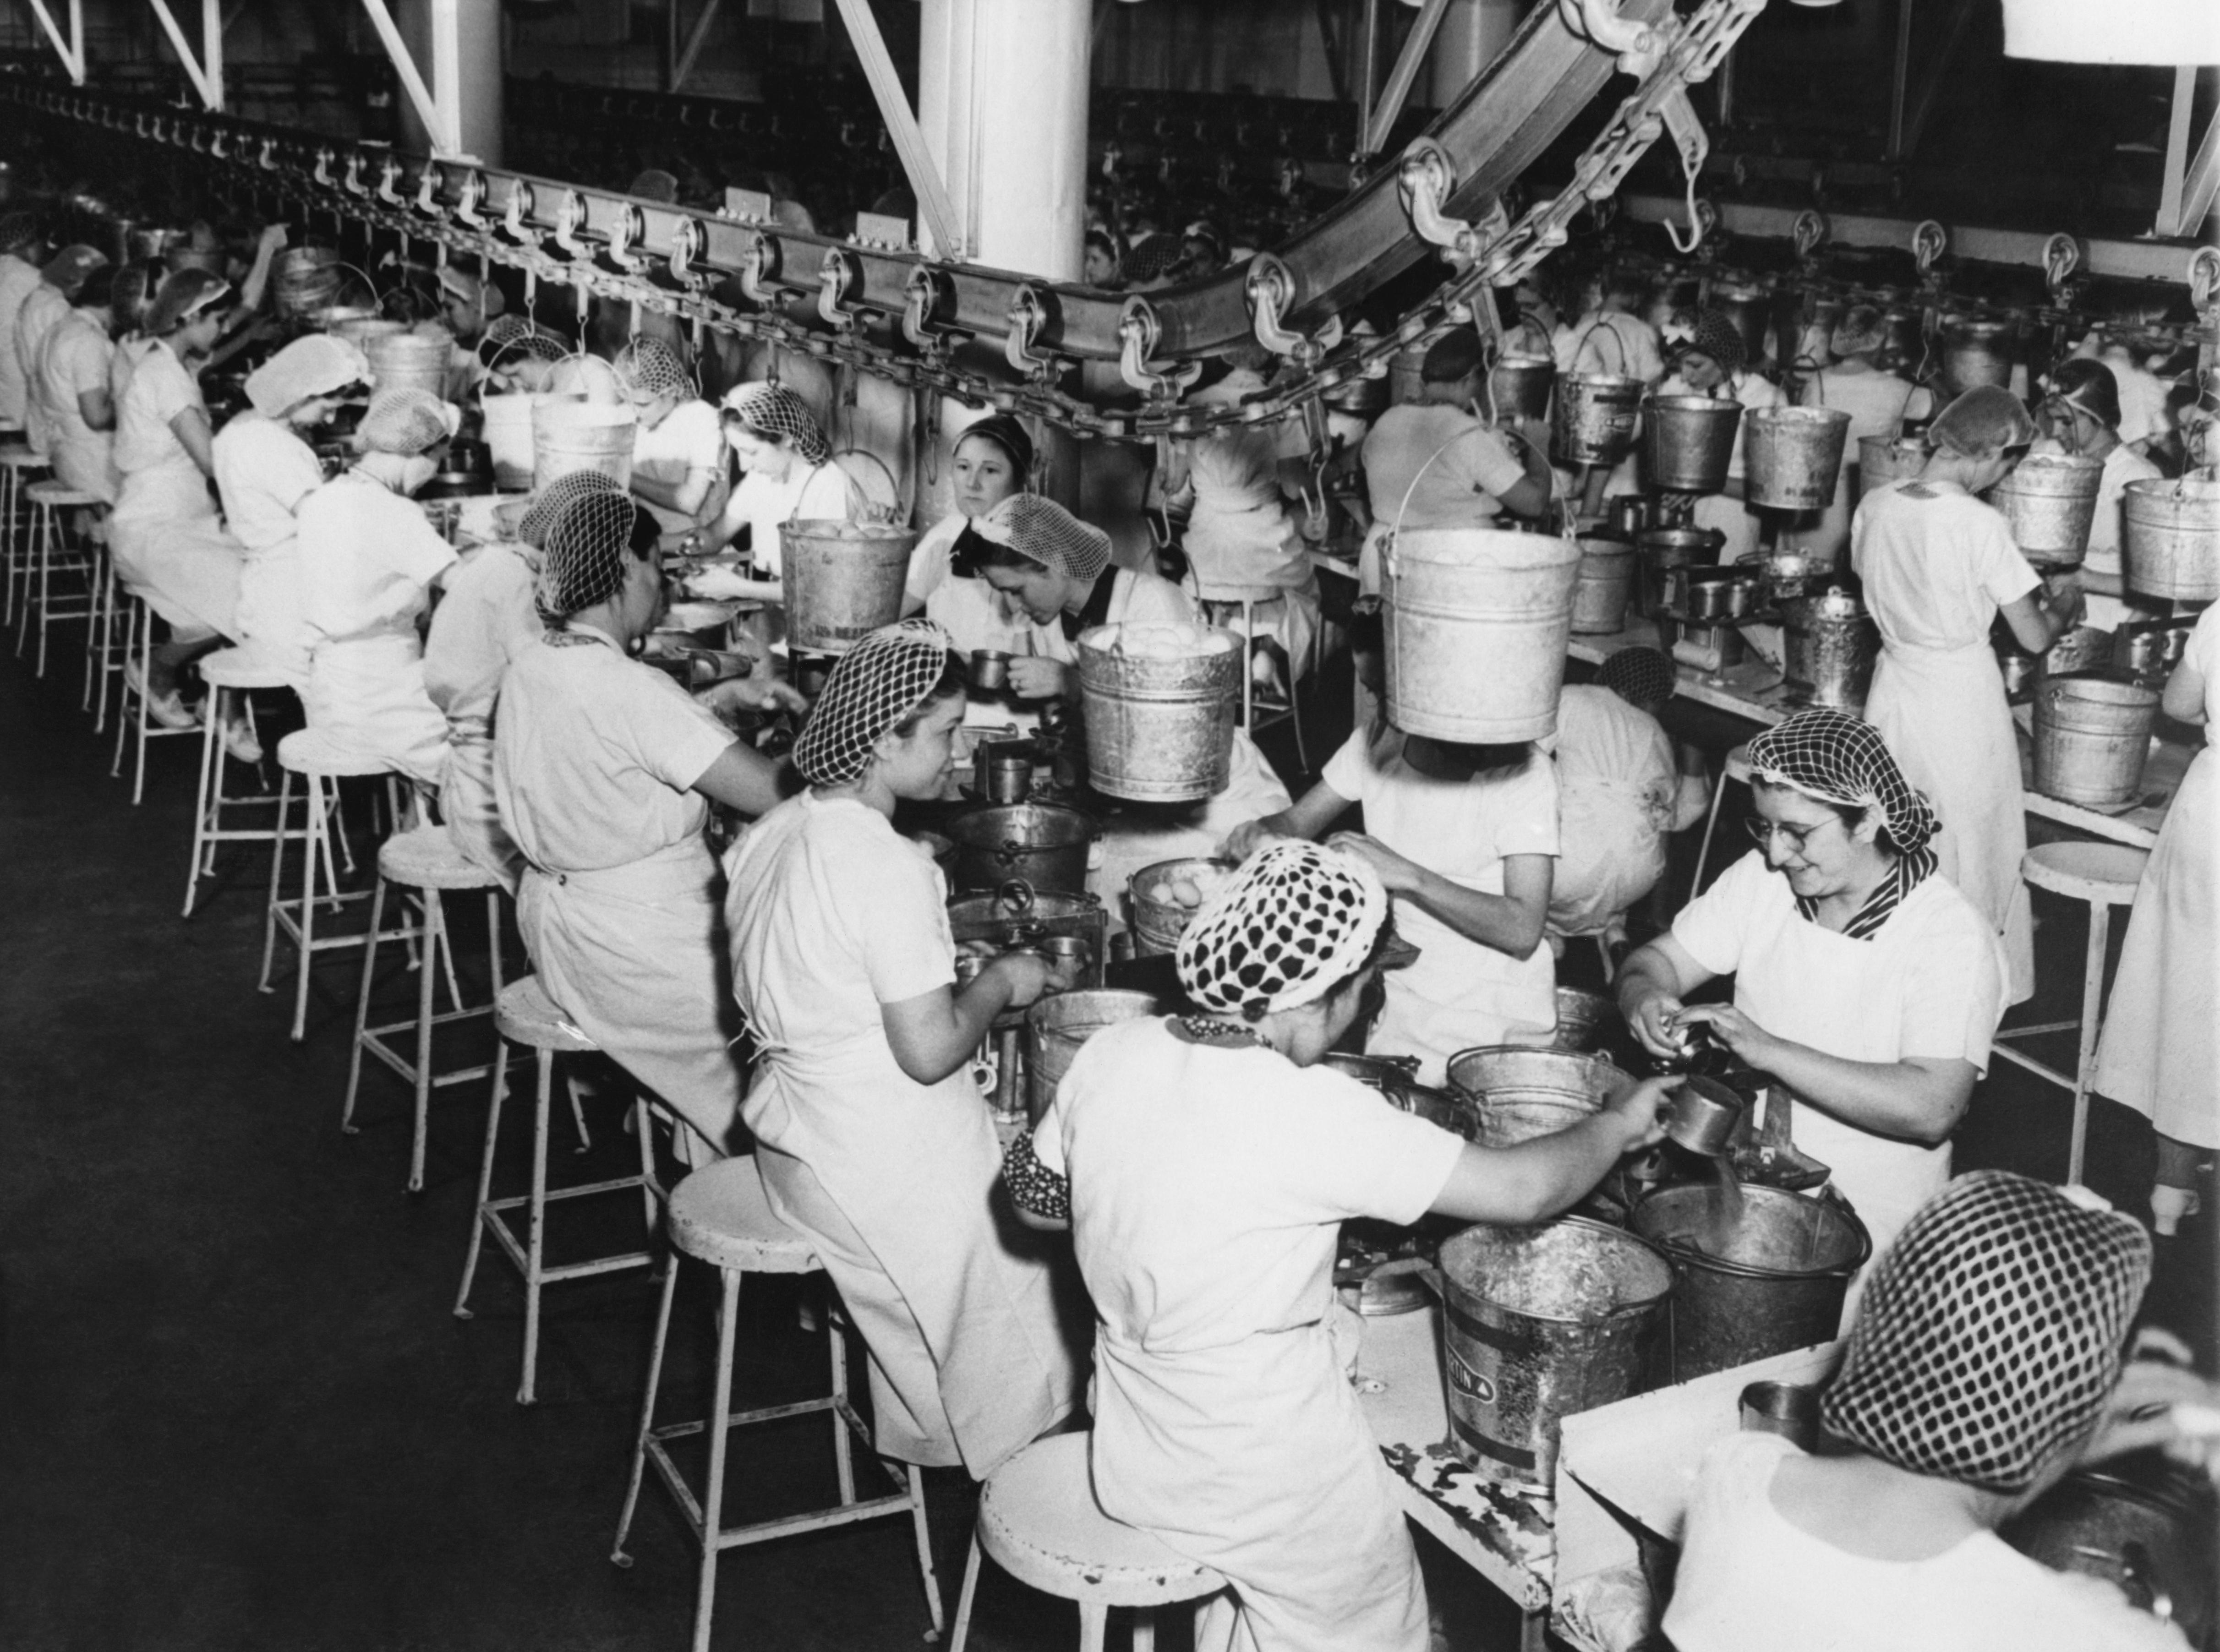 Las fábricas fueron el pilar de buena parte de la clase media. La mayor automatización y la migración a países más competitivos ha cambiado la industria./Shutterstock